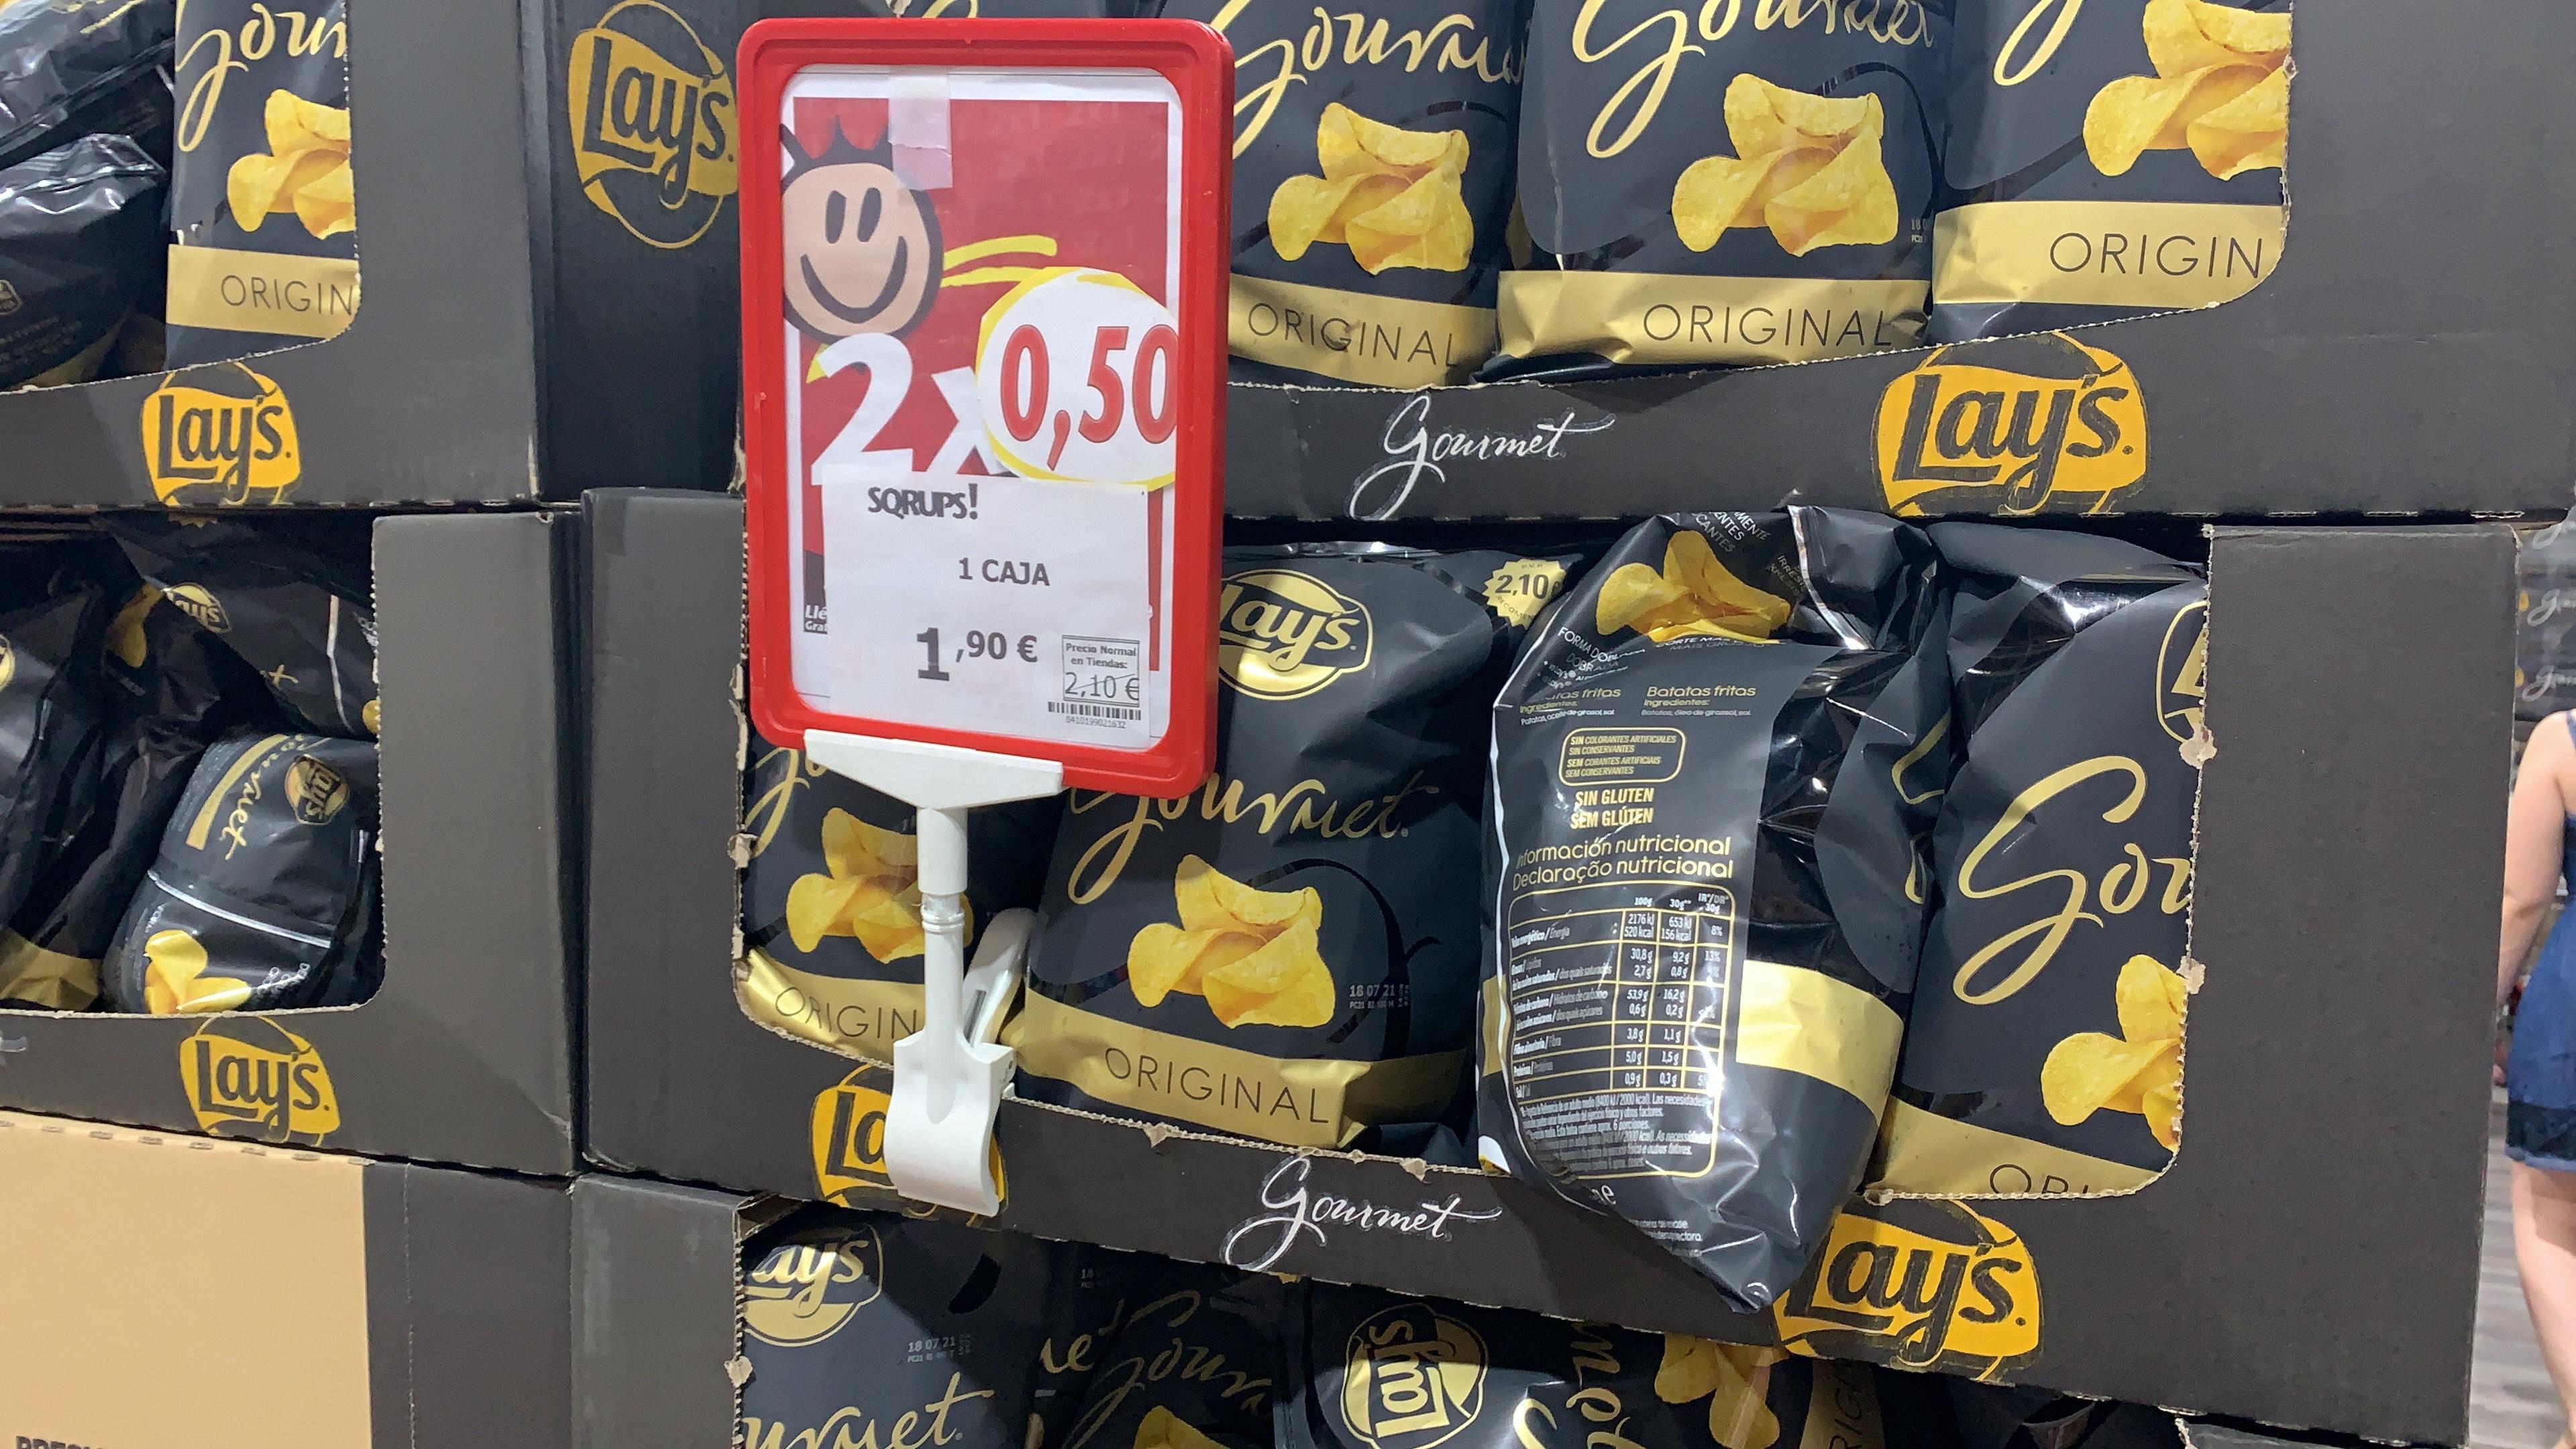 1 caja de Patatas lays gourmet con 19 bolsas en sqrups la gavia